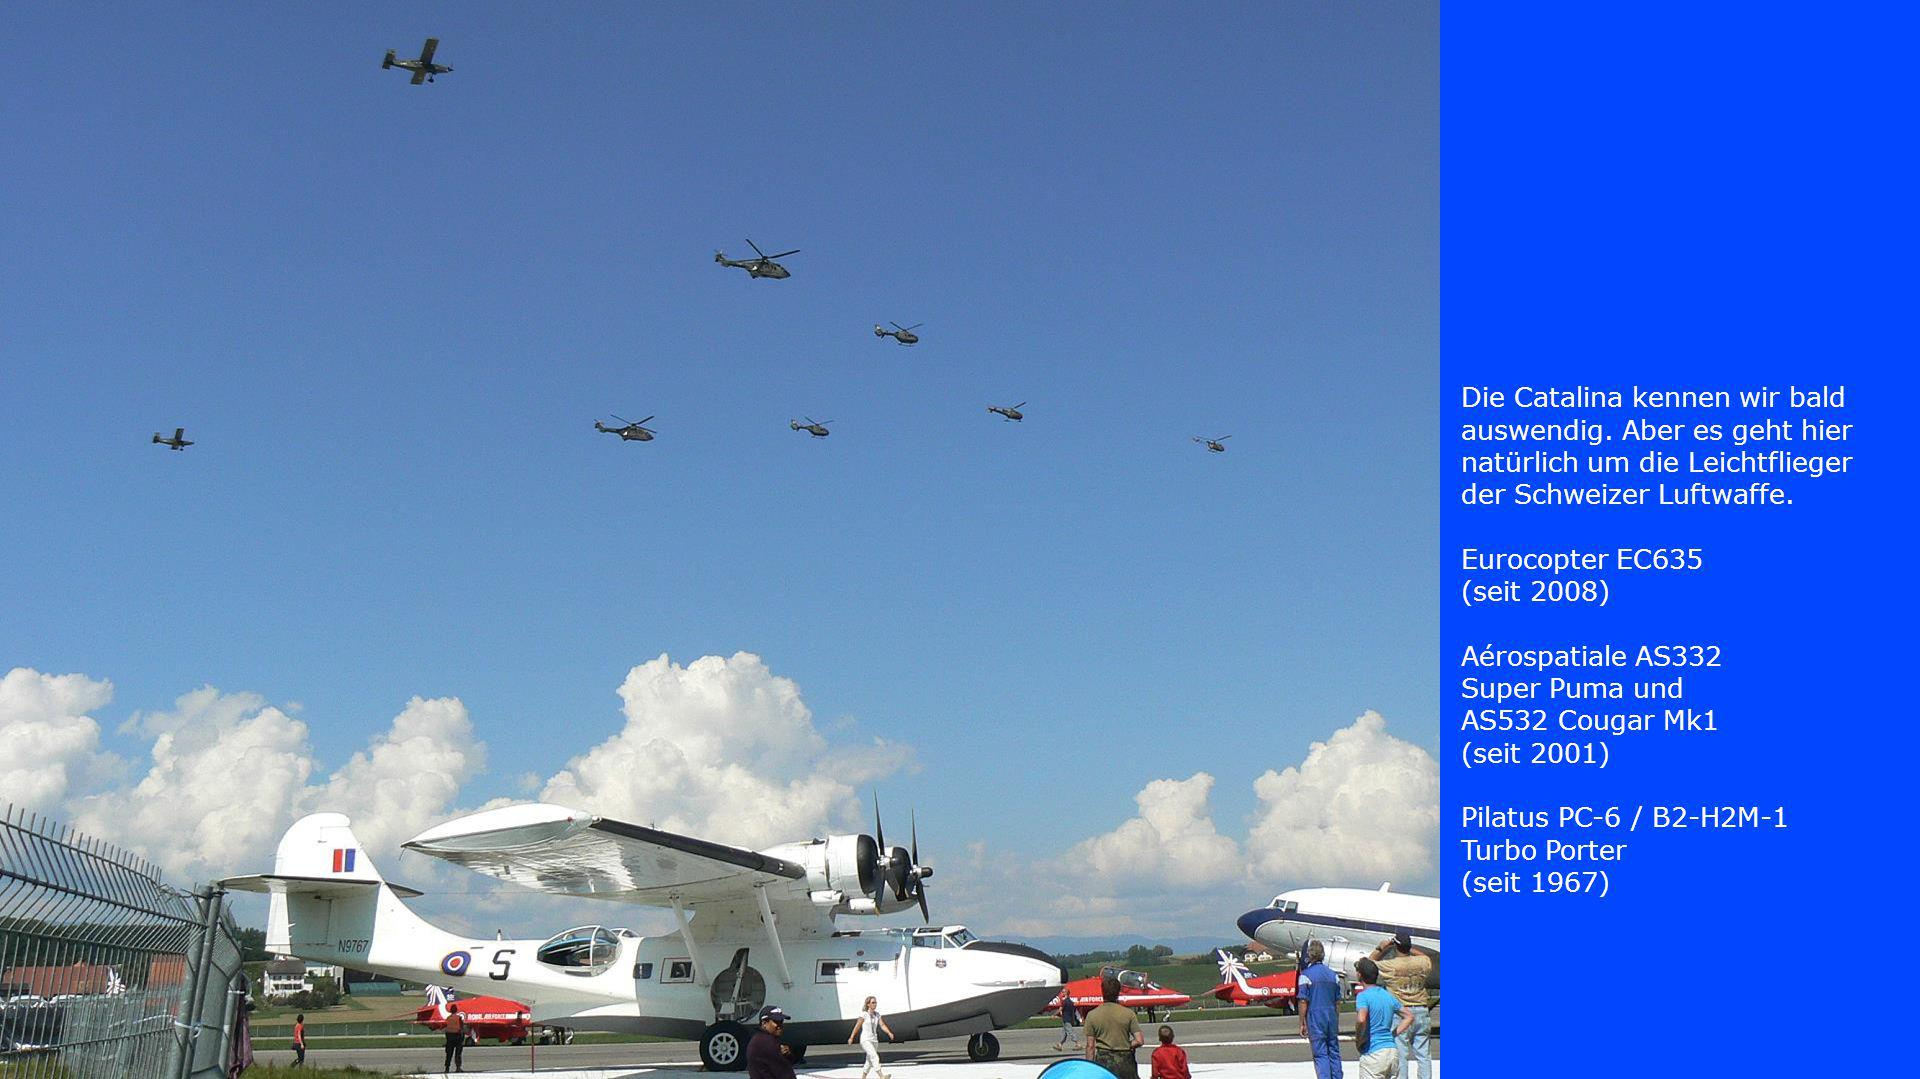 Die Catalina kennen wir bald auswendig. Aber es geht hier natürlich um die Leichtflieger der Schweizer Luftwaffe. Eurocopter EC635 (seit 2008) Aérospa